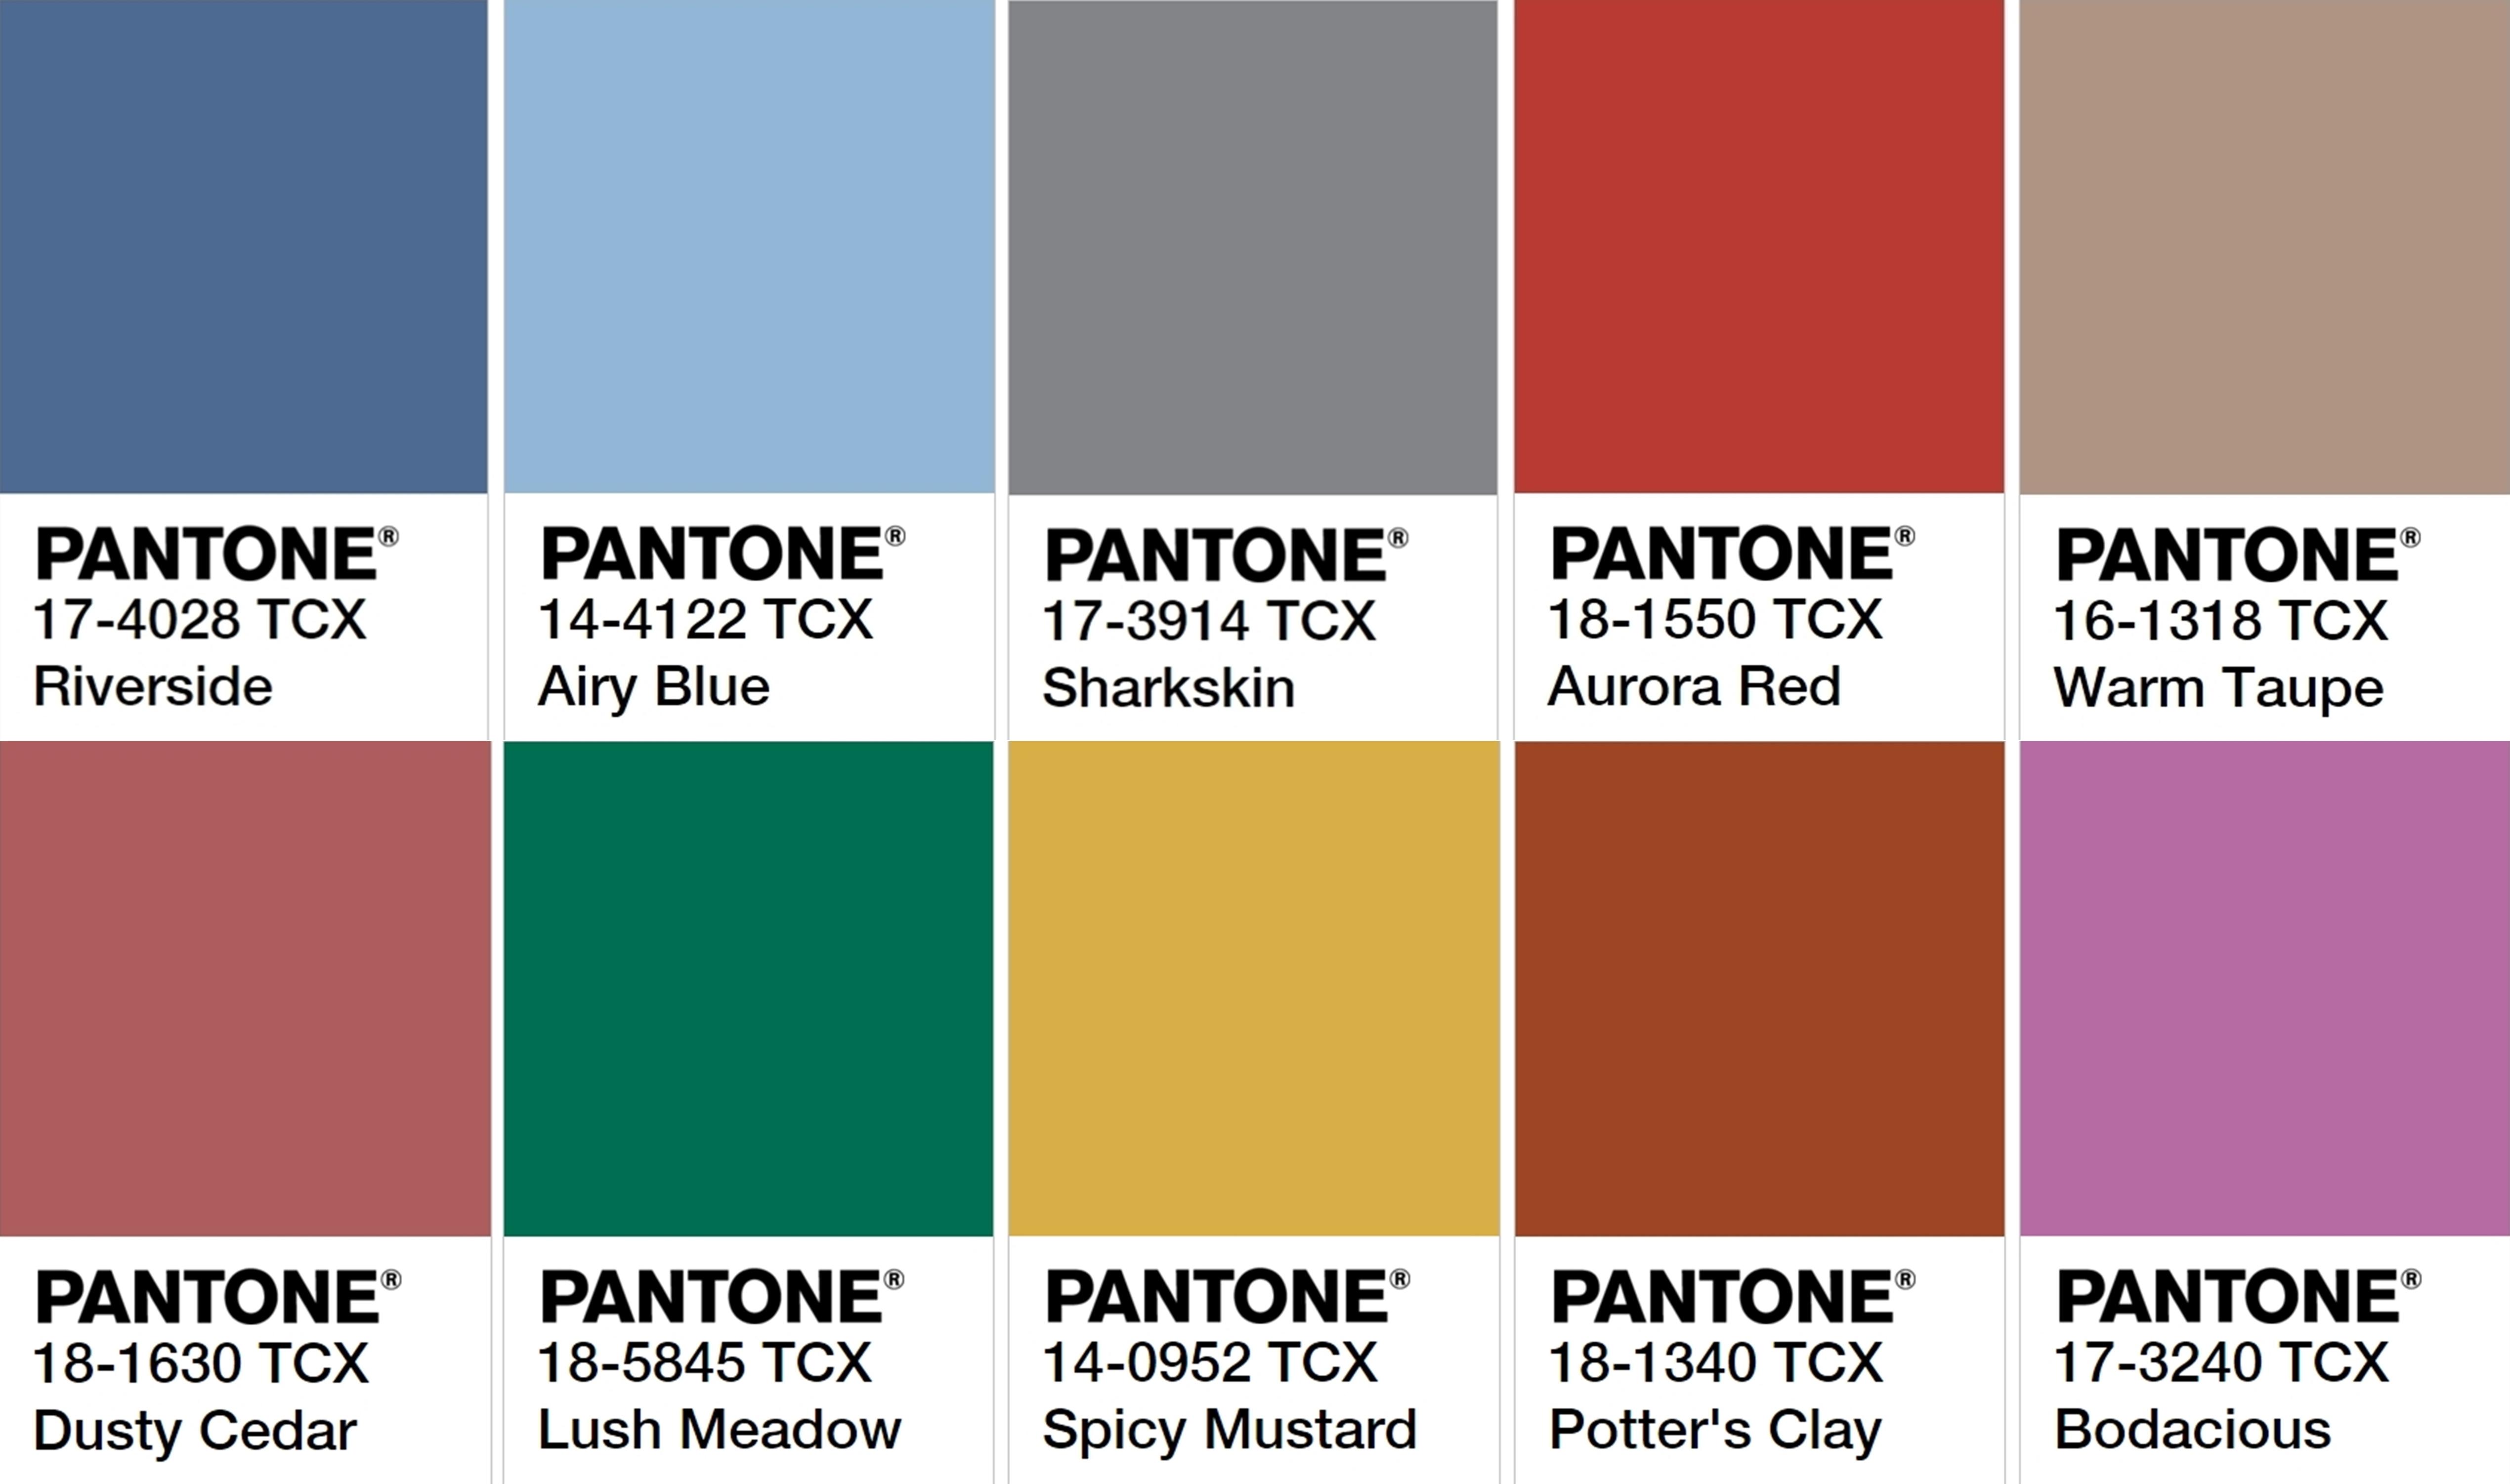 28 Fall 2017 Pantone Colors Pantone Farbpalette